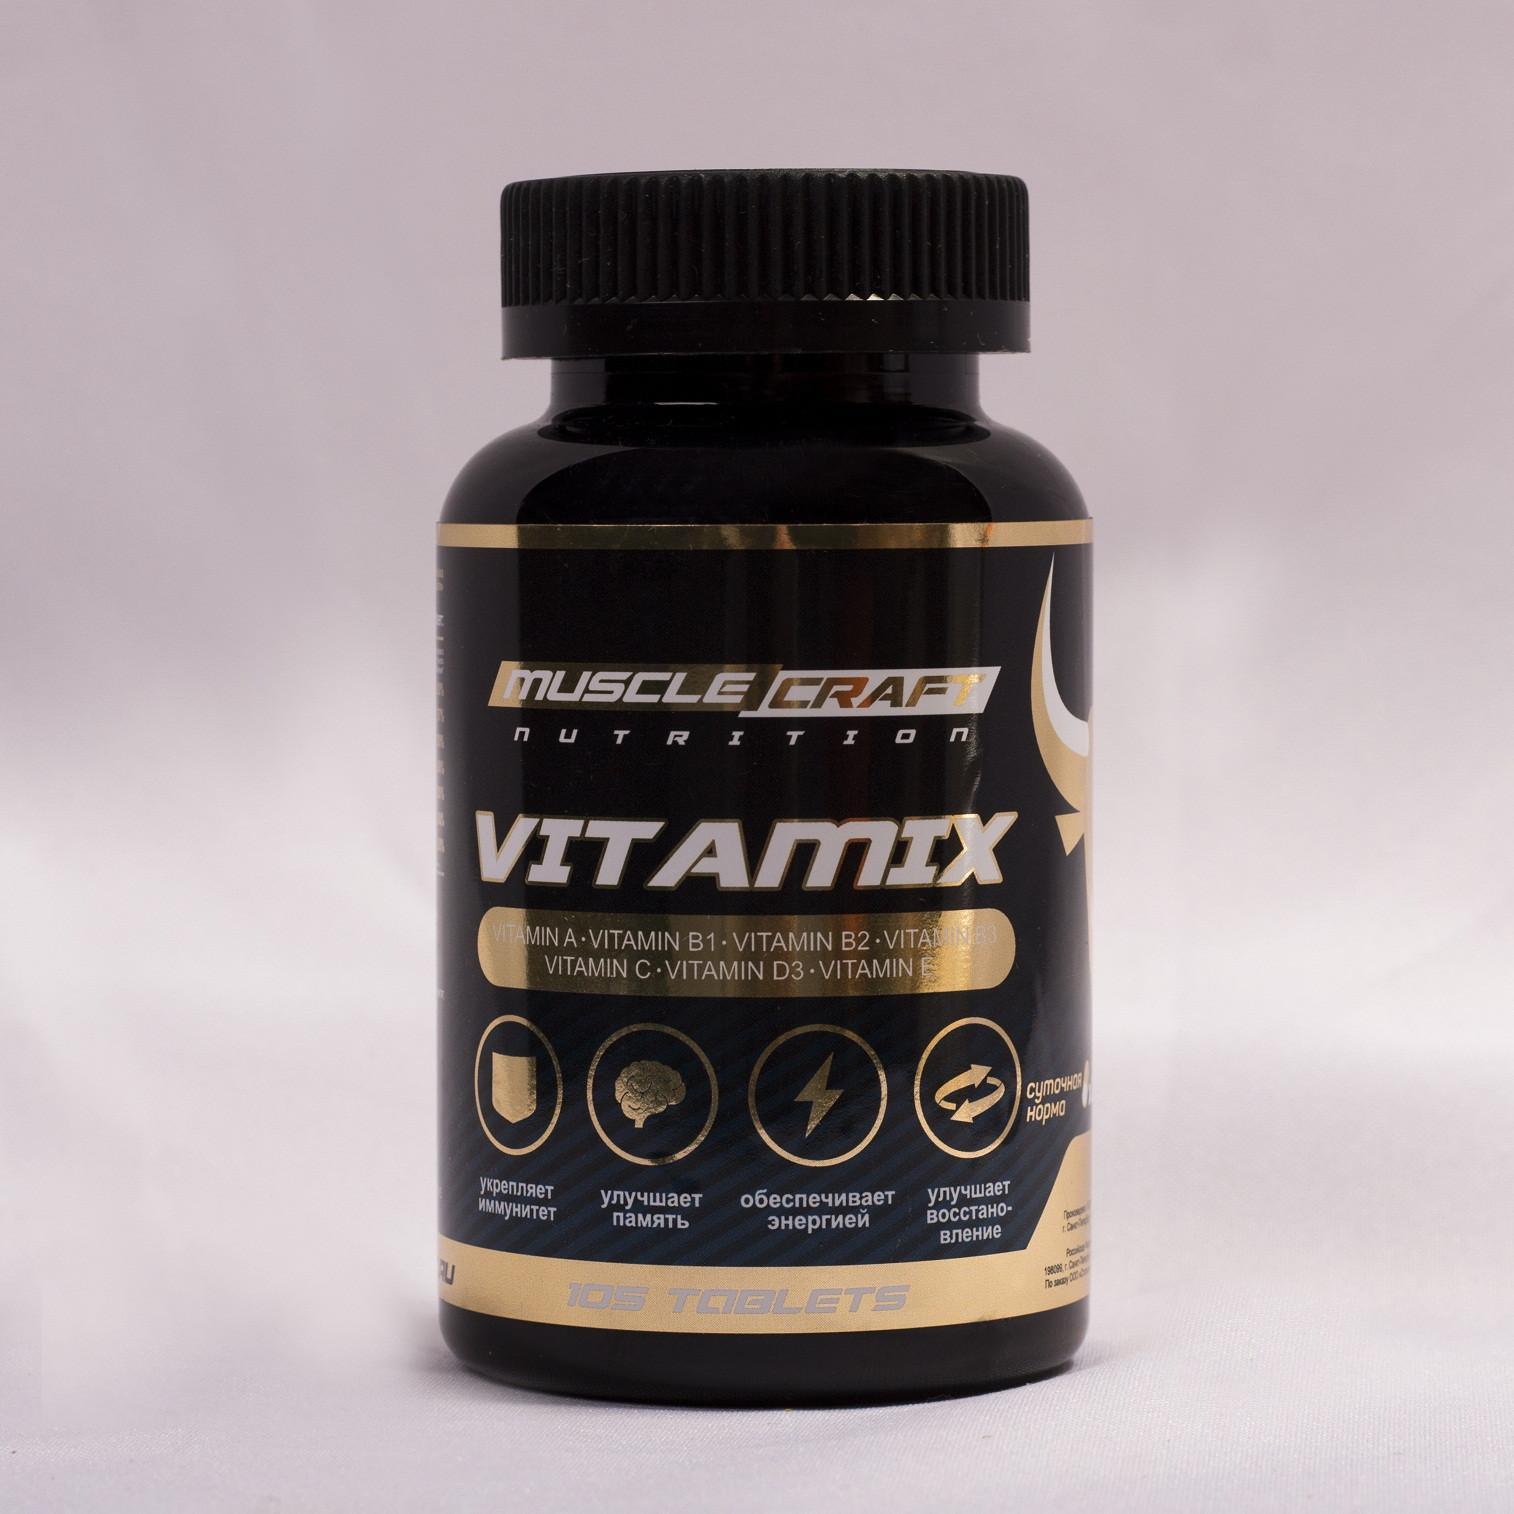 Витаминный комплекс от musclecraft vitamix